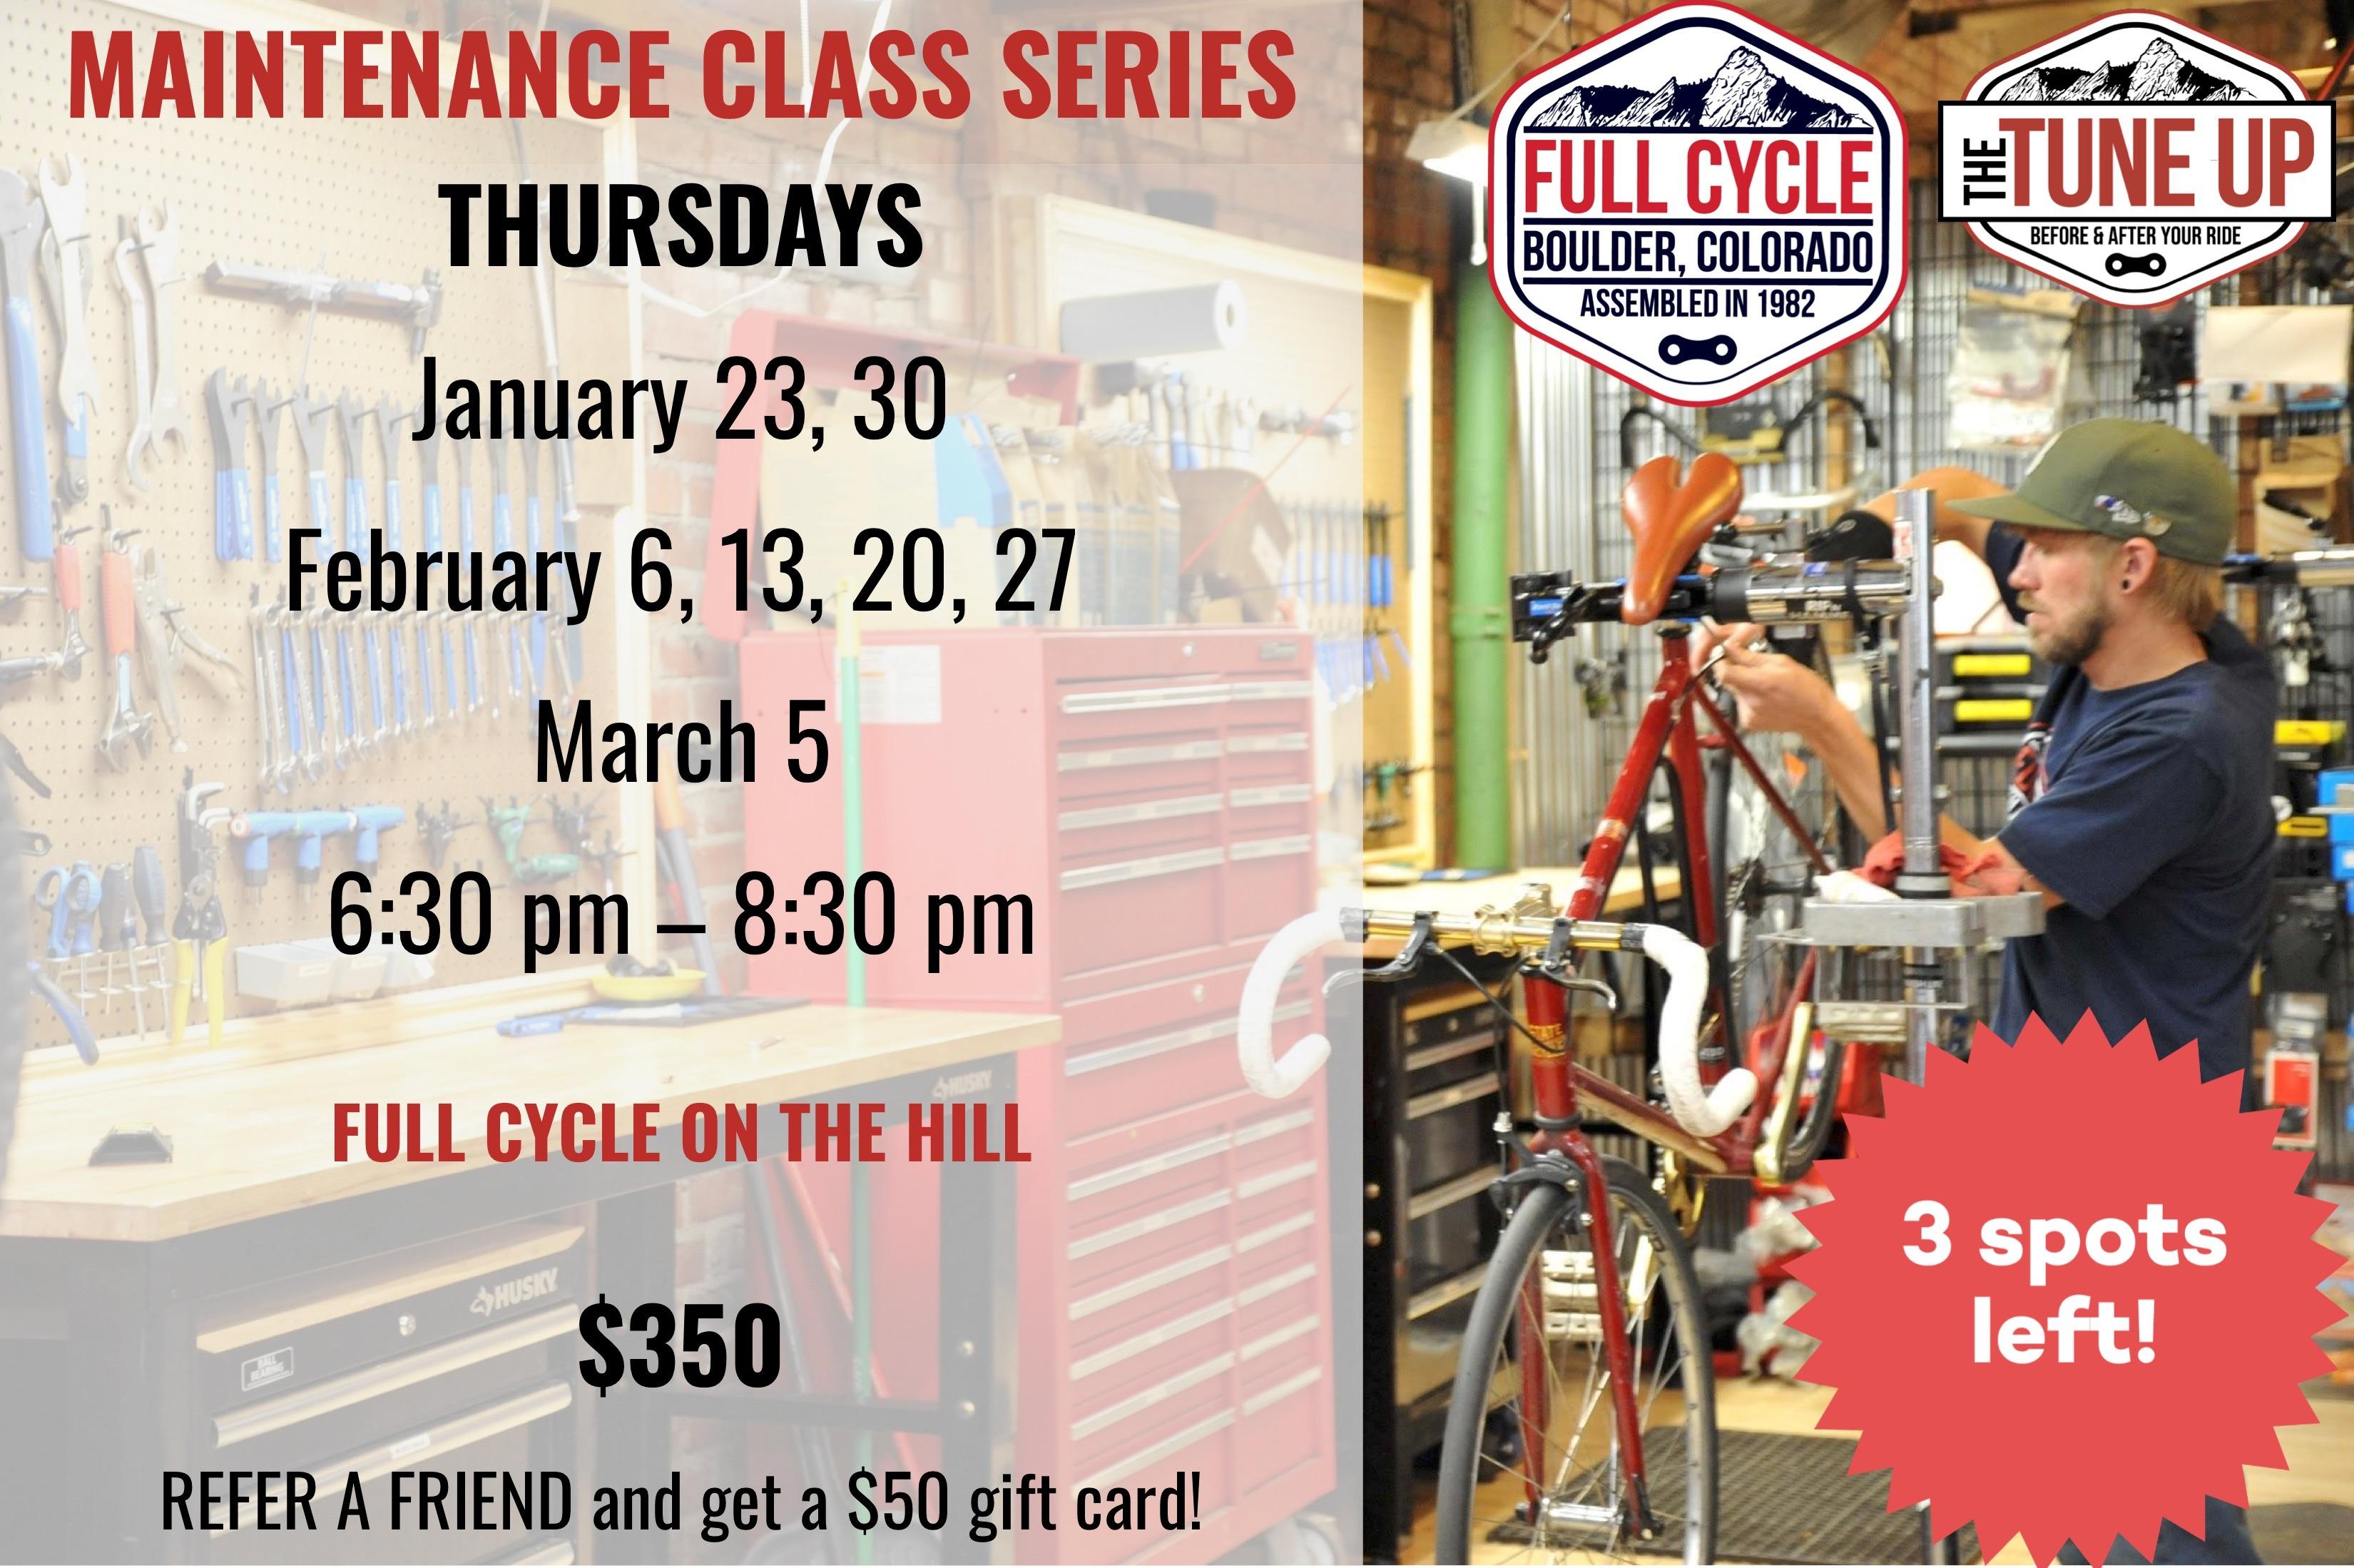 Maintenance Classes Thursdays